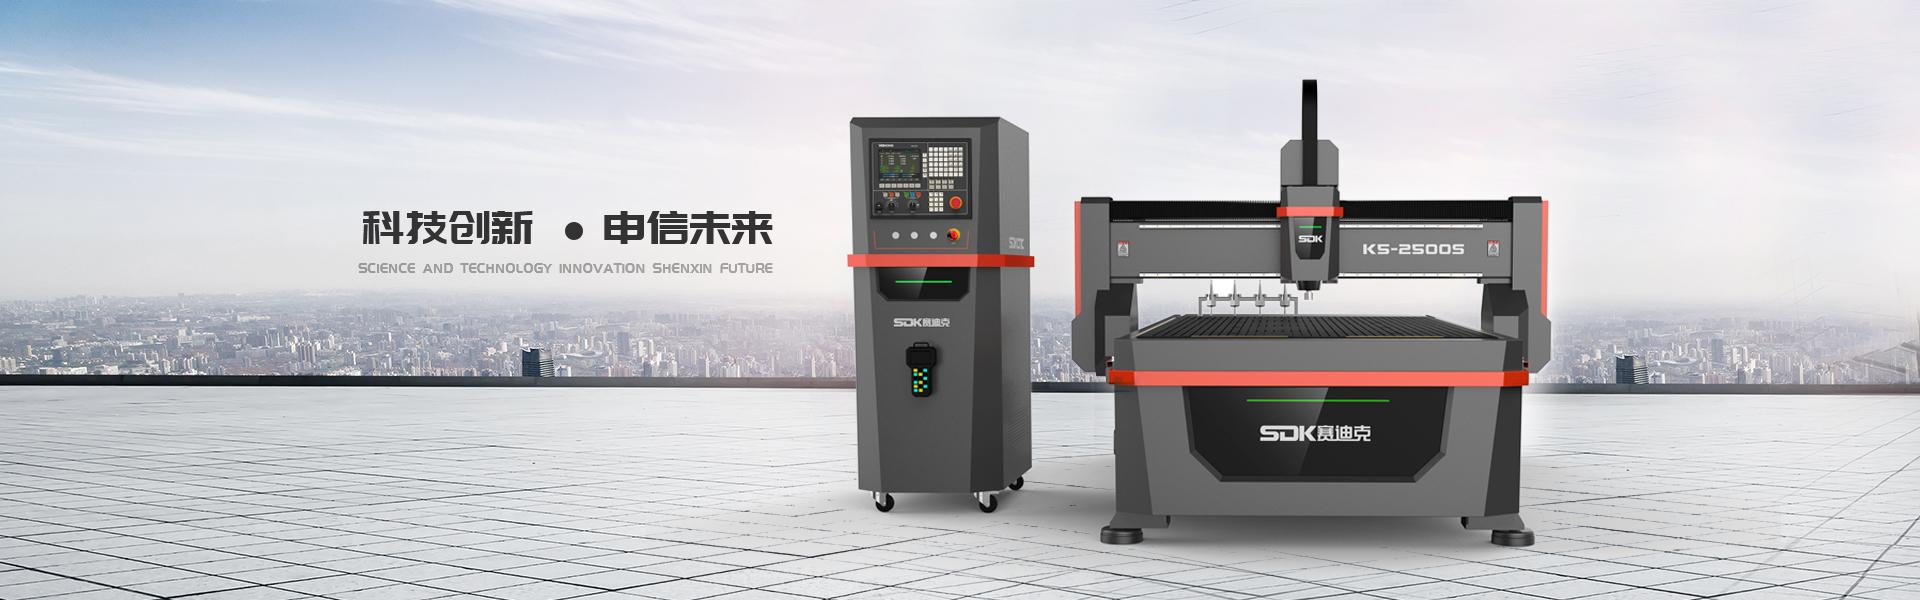 重庆申信机械设备有限公司